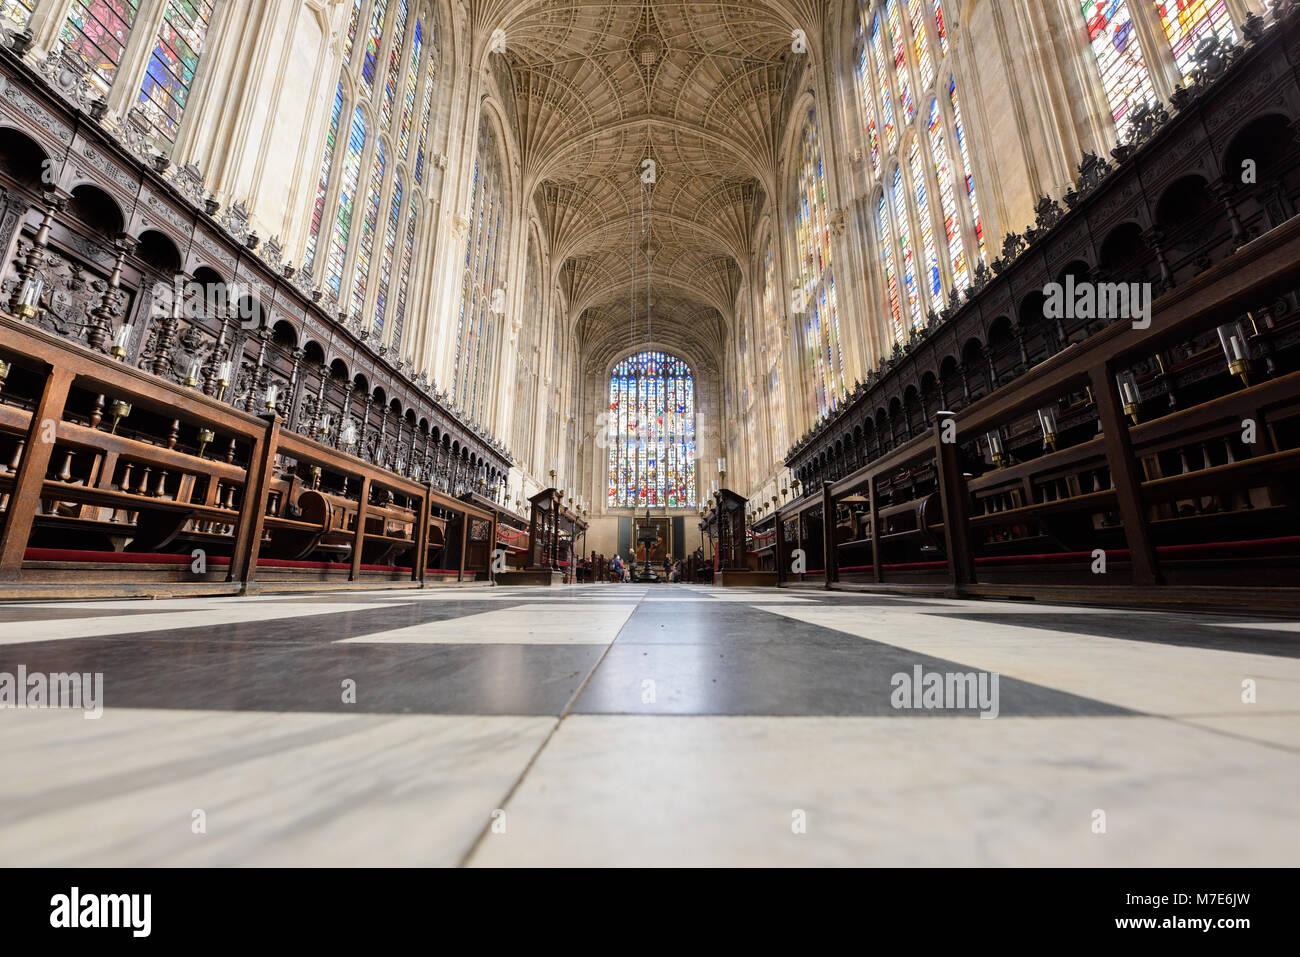 El coro con su piso, vitrales, y ventilador de techo en la capilla de King's College, Universidad de Cambridge, Imagen De Stock